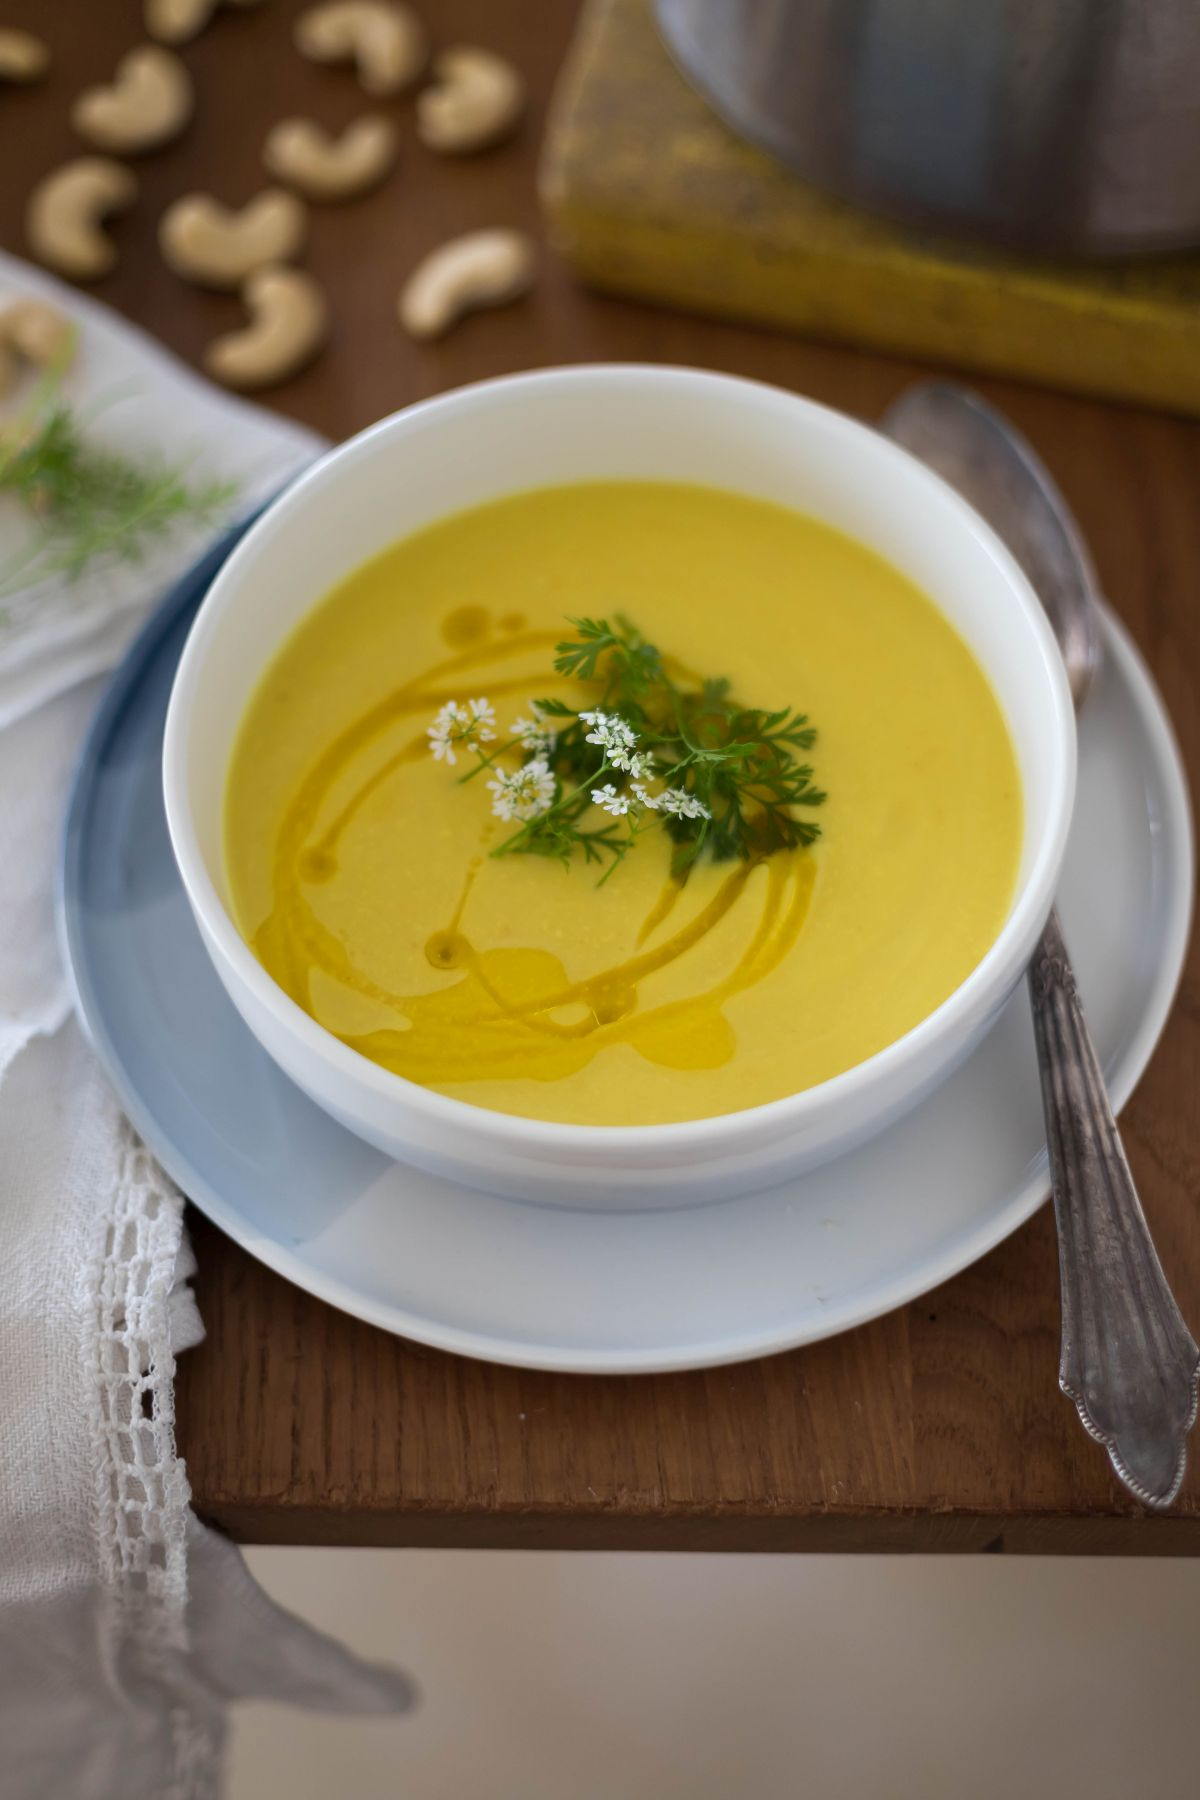 מרק כרובית וכורכום